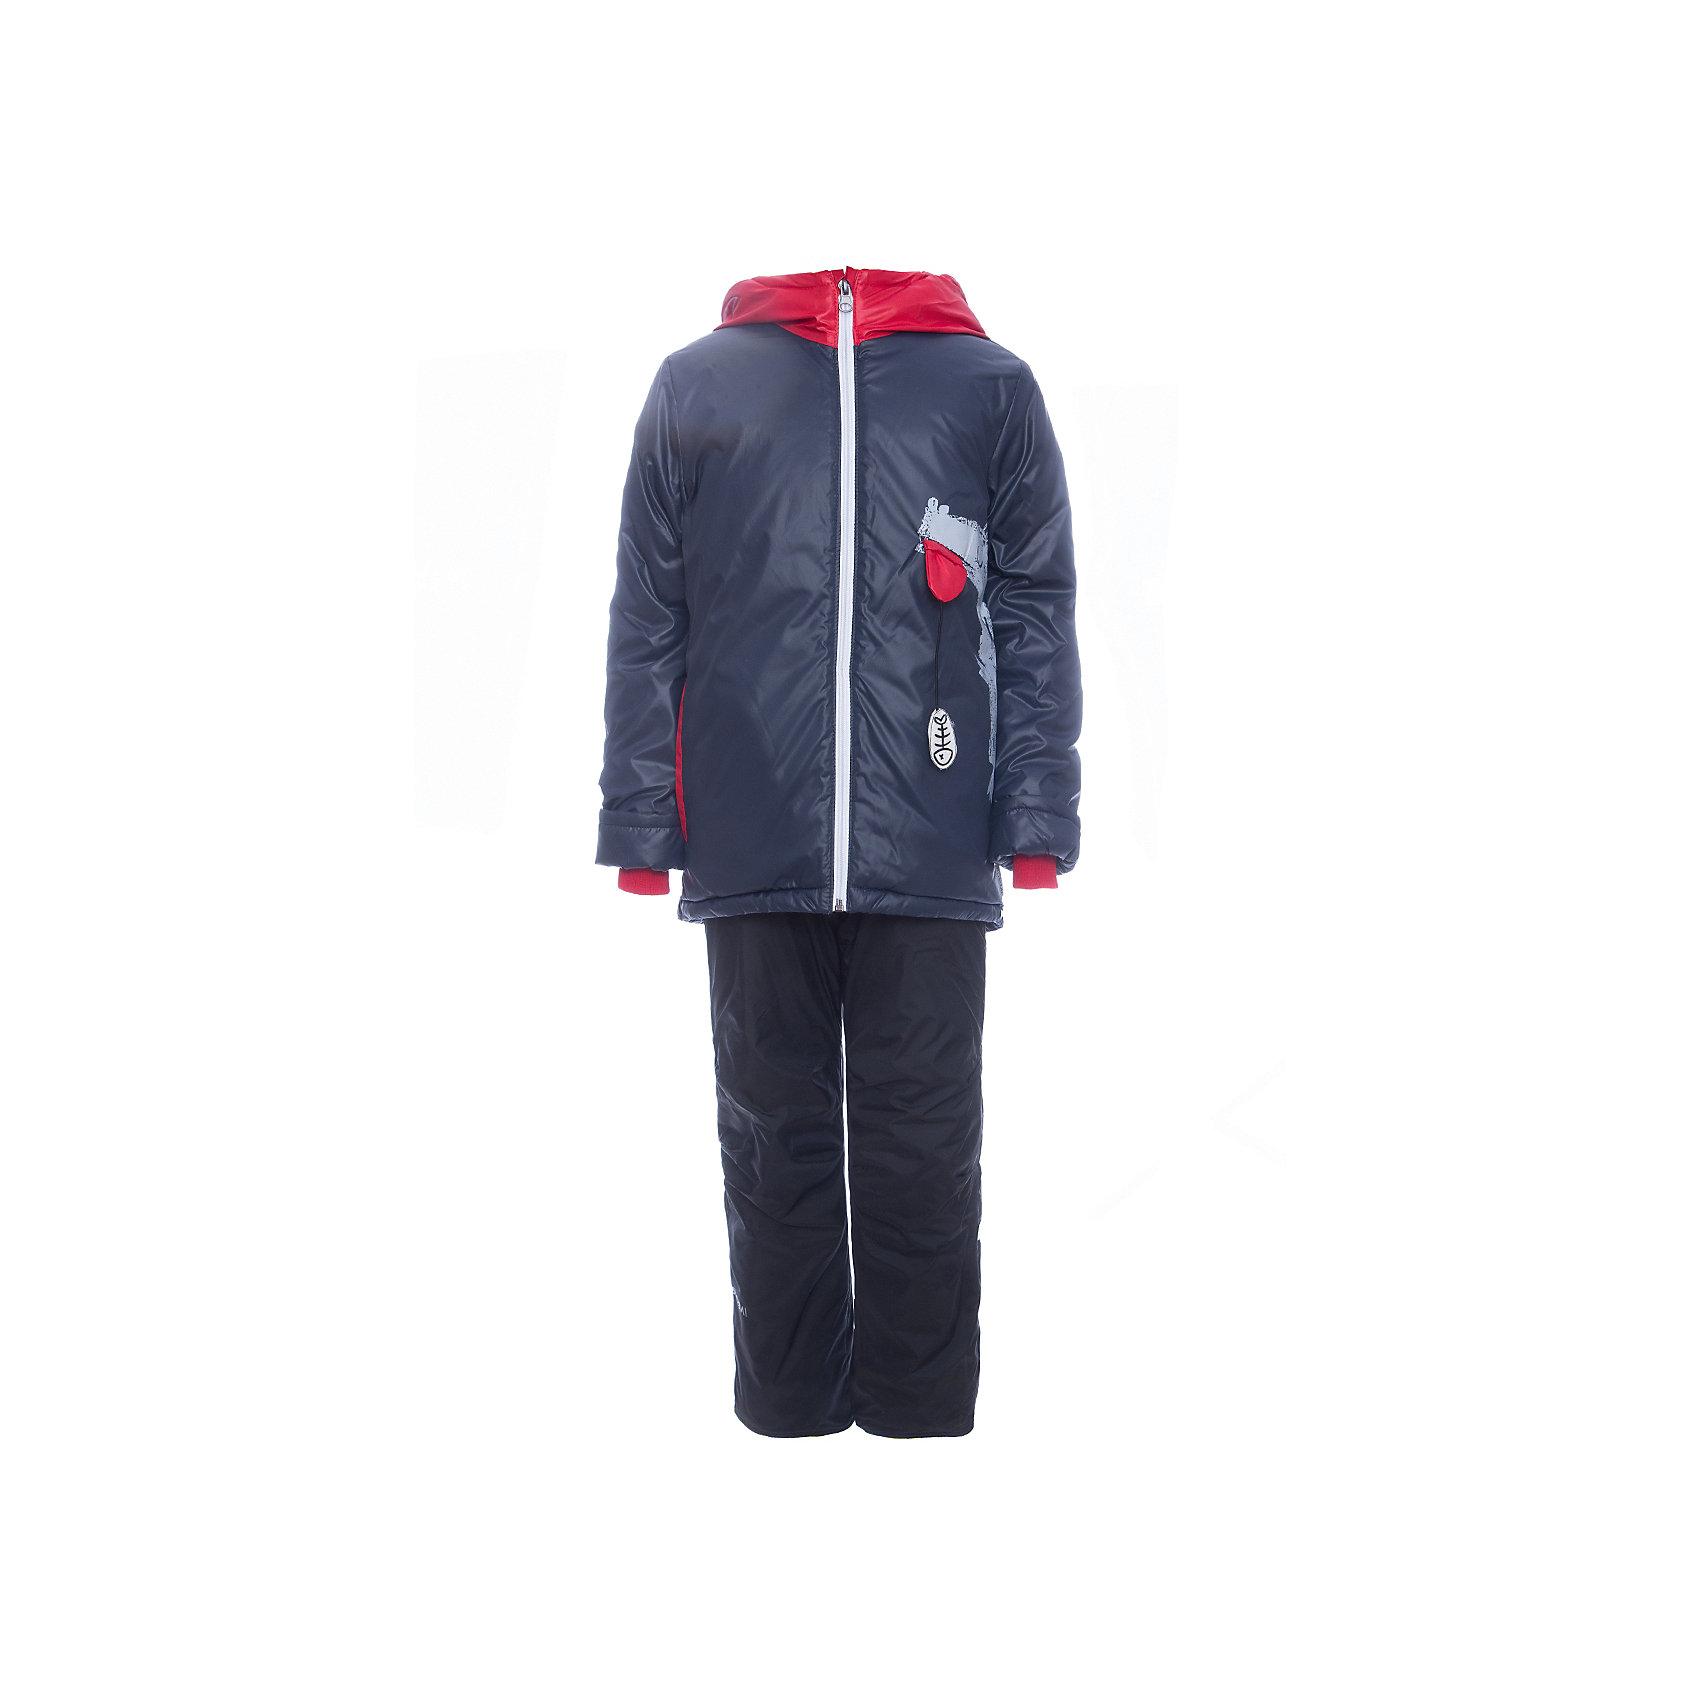 Комплект: куртка и брюки BOOM by Orby для мальчикаВерхняя одежда<br>Характеристики товара:<br><br>• цвет: синий<br>• ткань верха: куртка - Болонь pu milky, брюки - Таффета pu milky<br>• подкладка: куртка - Флис; ПЭ пуходержащий; брюки - флис<br>• утеплитель: куртка - Эко синтепон 200 г/м2<br>• сезон: демисезон<br>• температурный режим: от -10° до +10°С<br>• особенности куртки: на молнии, дутая<br>• особенности брюк: на резинке, дутые, на лямках<br>• капюшон: без меха, несъемный<br>• страна бренда: Россия<br>• страна изготовитель: Россия<br><br>Такой стильный и комфортный комплект был разработан специально для детей. Оригинальный демисезонный комплект для мальчика состоит из куртки с капюшоном и удобных брюк. Утеплитель и плотная ткань верха делает его подходящим для сырой и холодной погоды. <br><br>Комплект: куртка и брюки BOOM by Orby для мальчика можно купить в нашем интернет-магазине.<br><br>Ширина мм: 356<br>Глубина мм: 10<br>Высота мм: 245<br>Вес г: 519<br>Цвет: синий<br>Возраст от месяцев: 36<br>Возраст до месяцев: 48<br>Пол: Мужской<br>Возраст: Детский<br>Размер: 104,122,116,110,98,92,86<br>SKU: 7007640